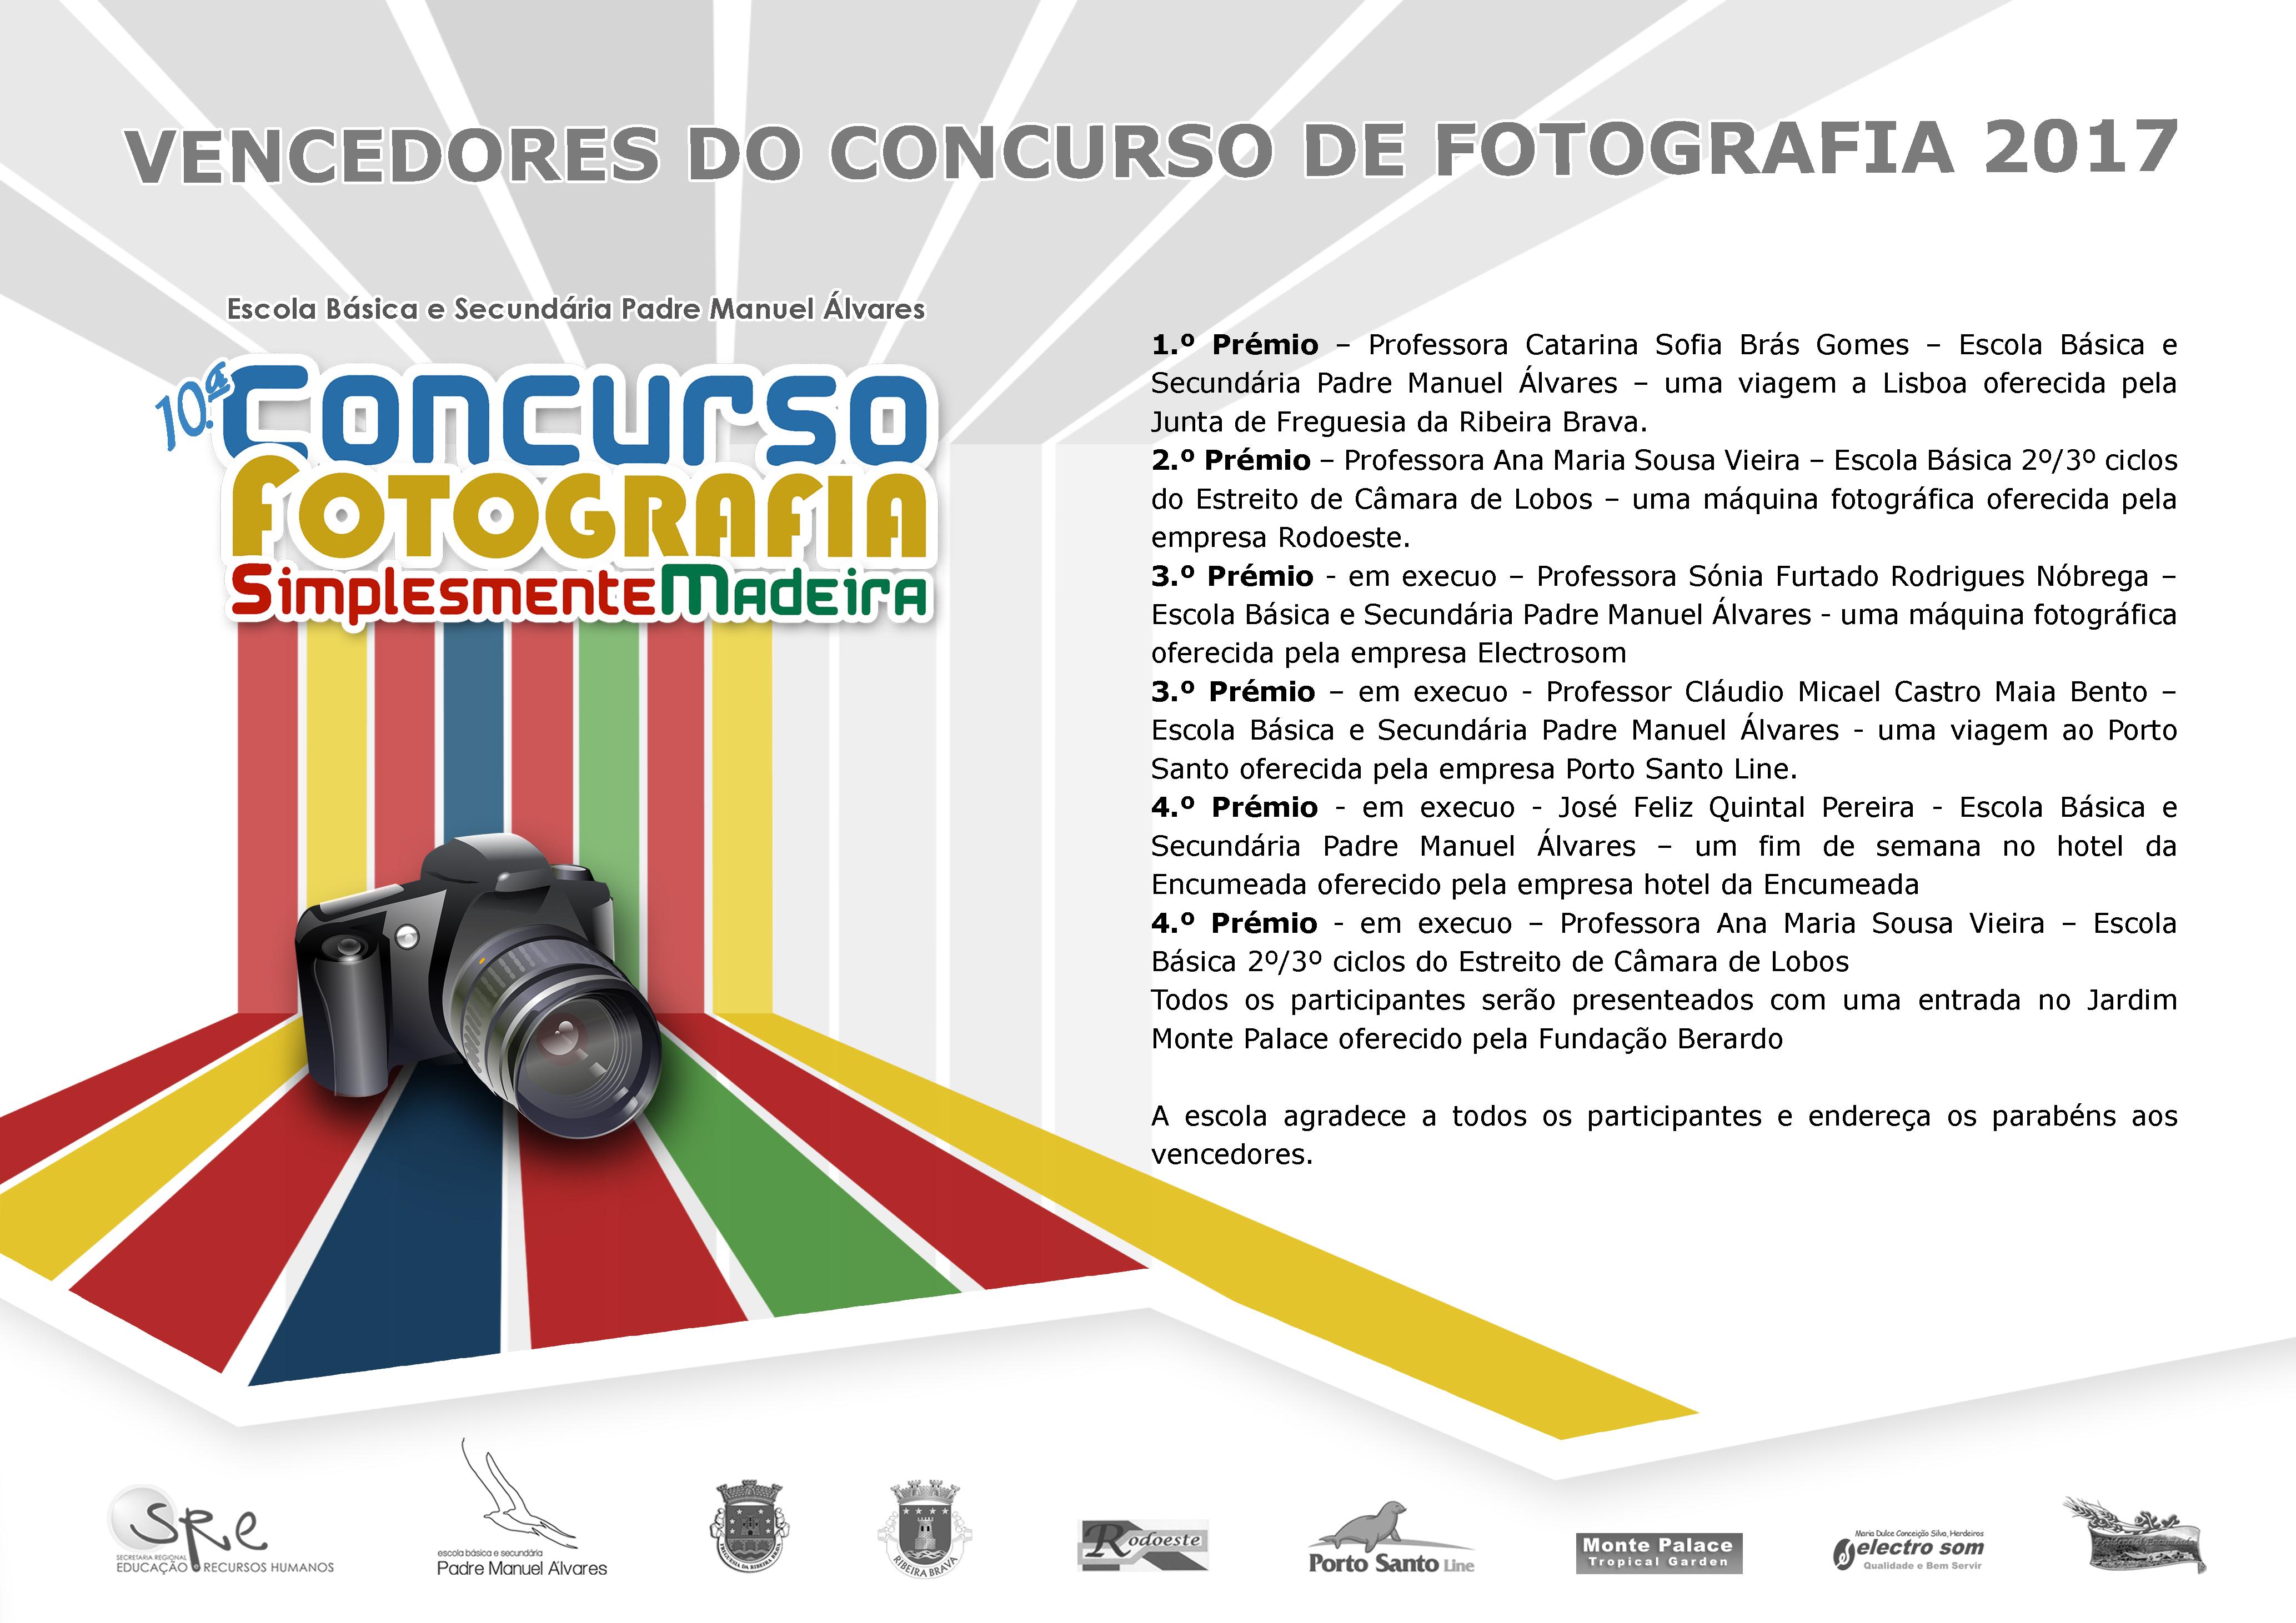 Concurso de Fotografia 2017 - Lista de Vencedores